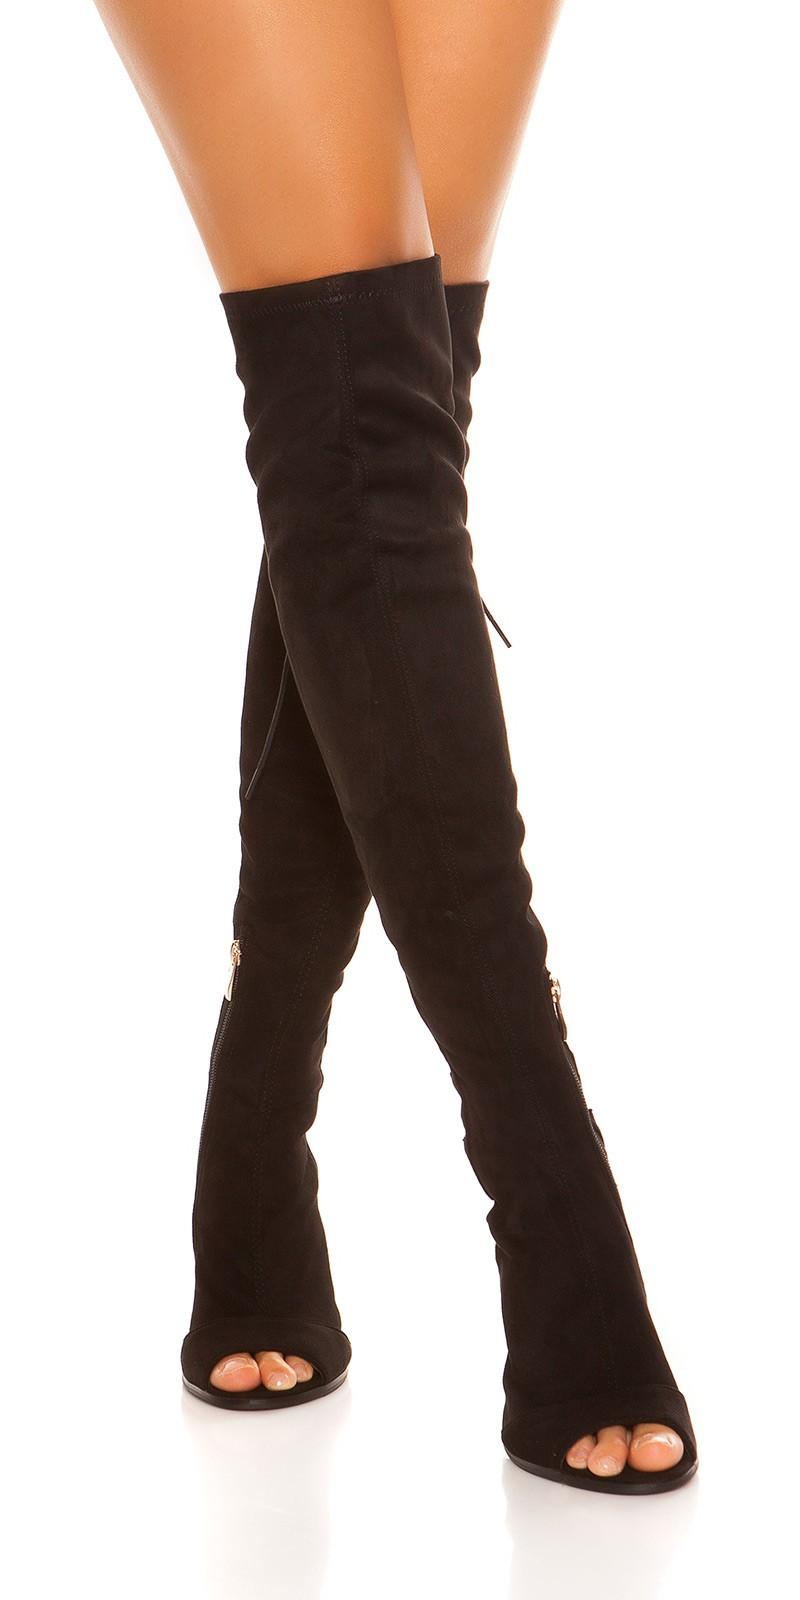 bfbcdc26c3 vvOverknees Peeptoe Boots Suede Look  Color BLACK Size 36 0000ES-2593 SCHWARZ 3